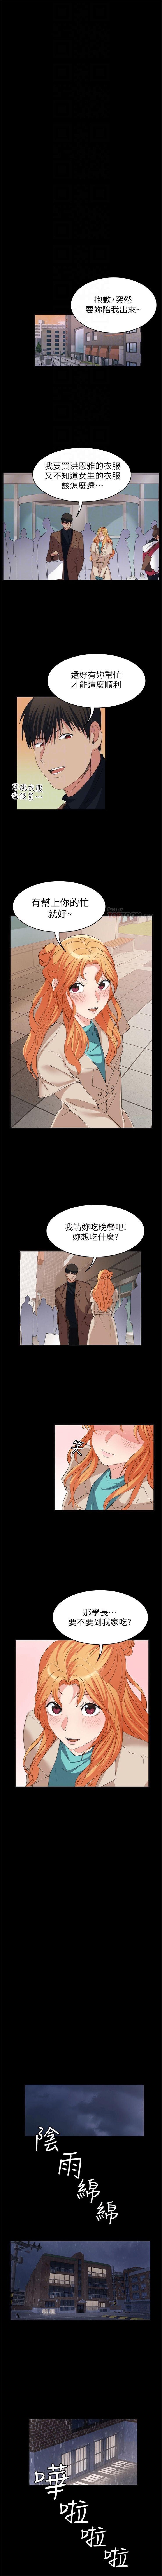 (周2)退货女友 1-23 中文翻译(更新中) 132